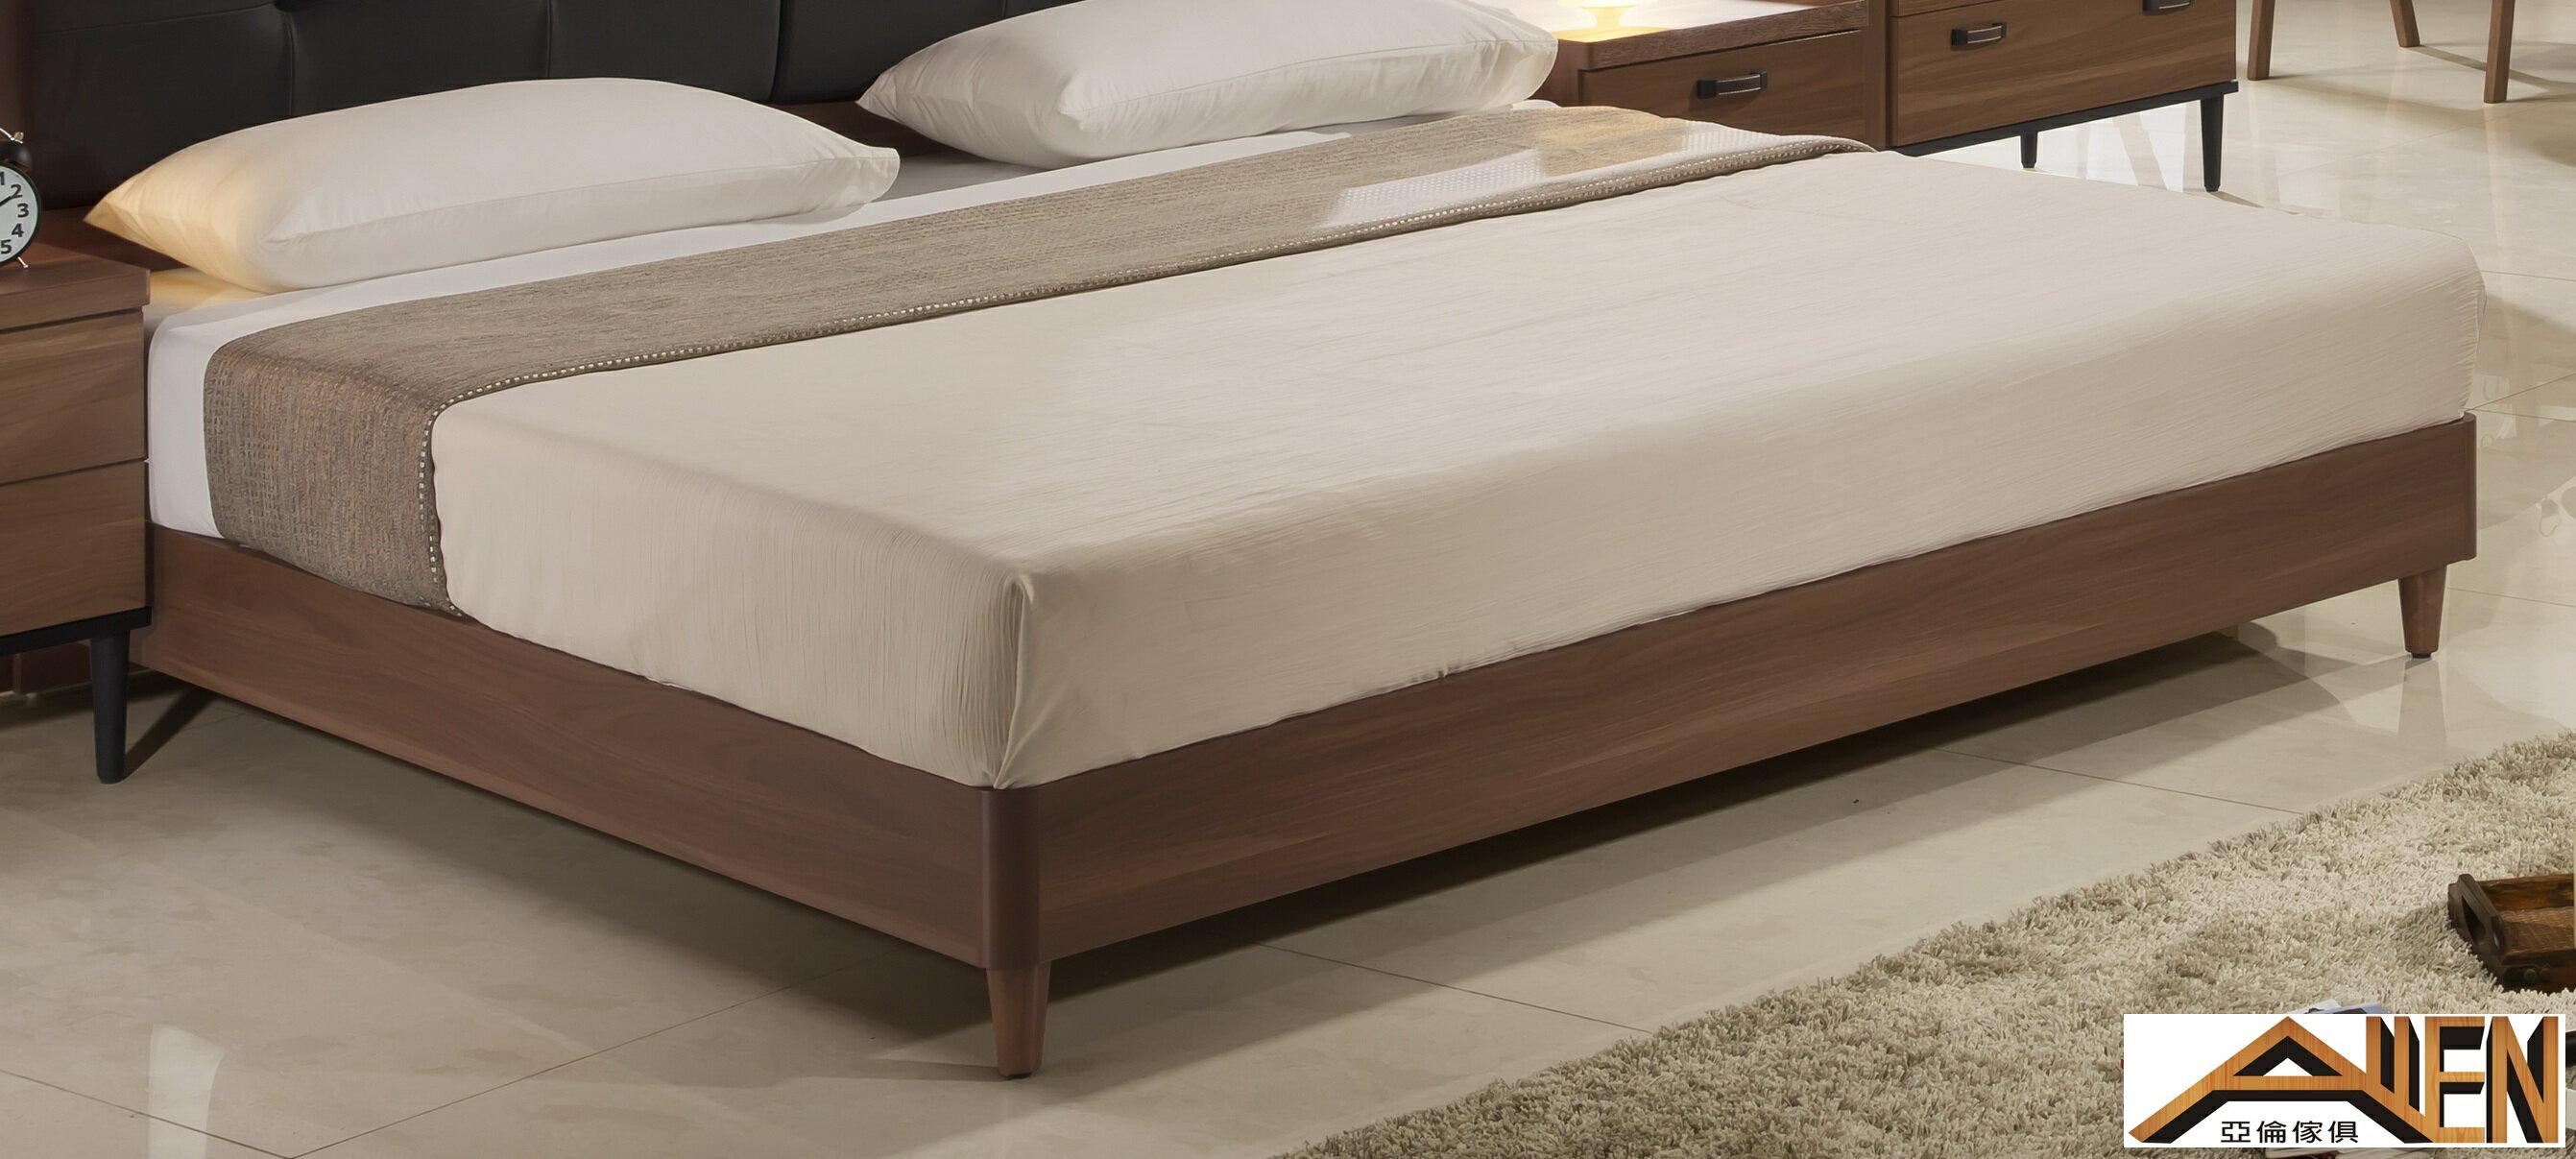 亞倫傢俱*亞當斯安全R角5尺雙人床架 (床頭箱款) 3